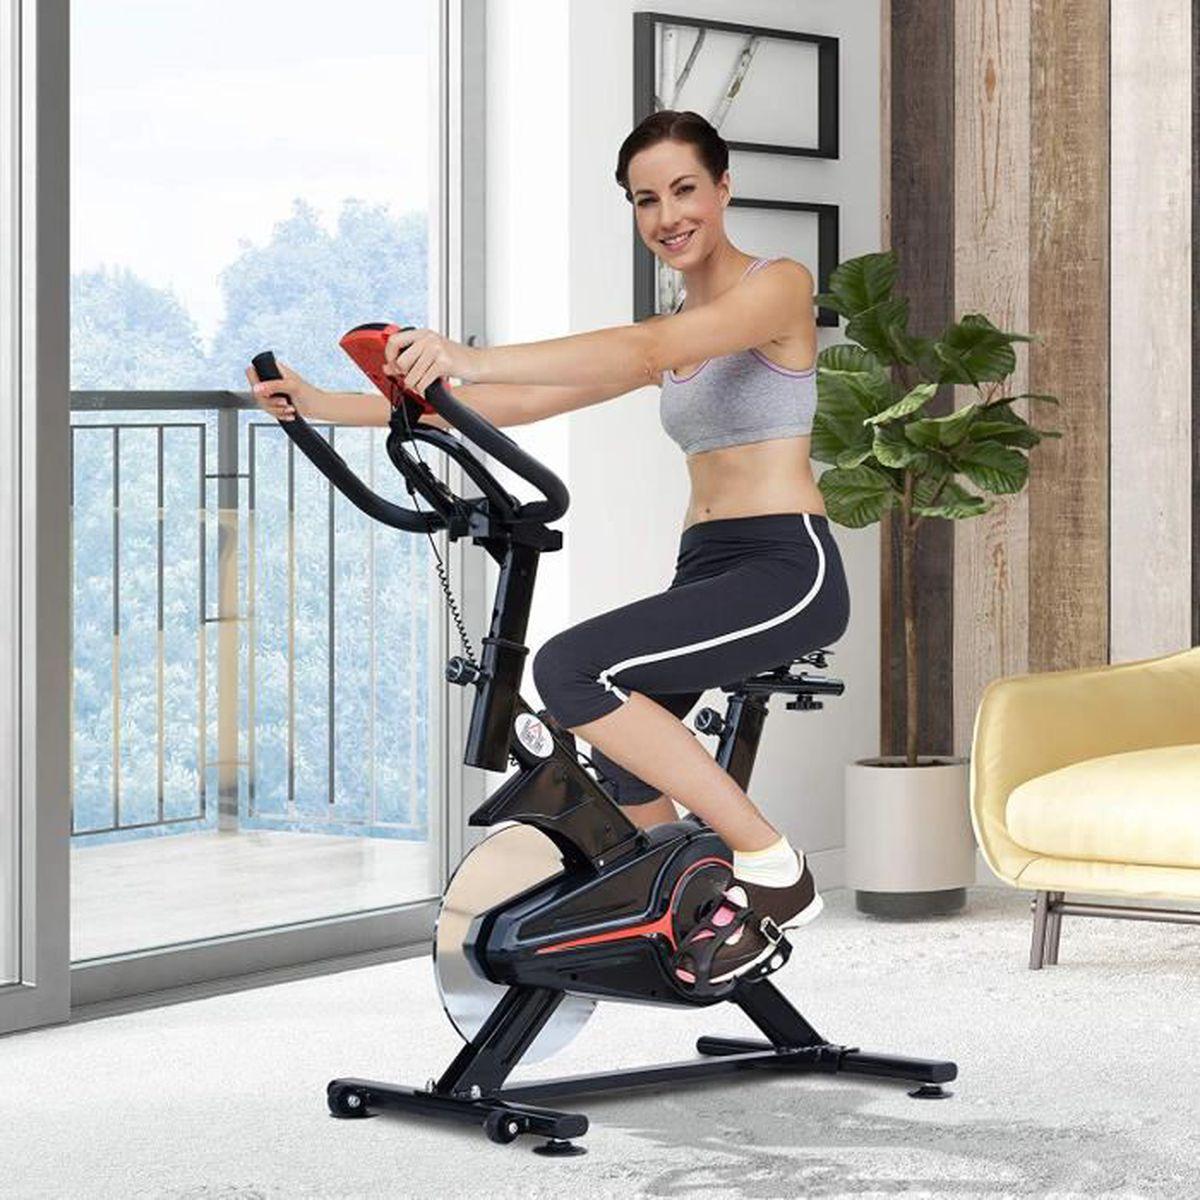 Homcom V/élo dappartement Cardio v/élo Biking /écran LCD Multifonction Selle et Guidon r/églable Volant inertie 5 Kg Noir Rouge